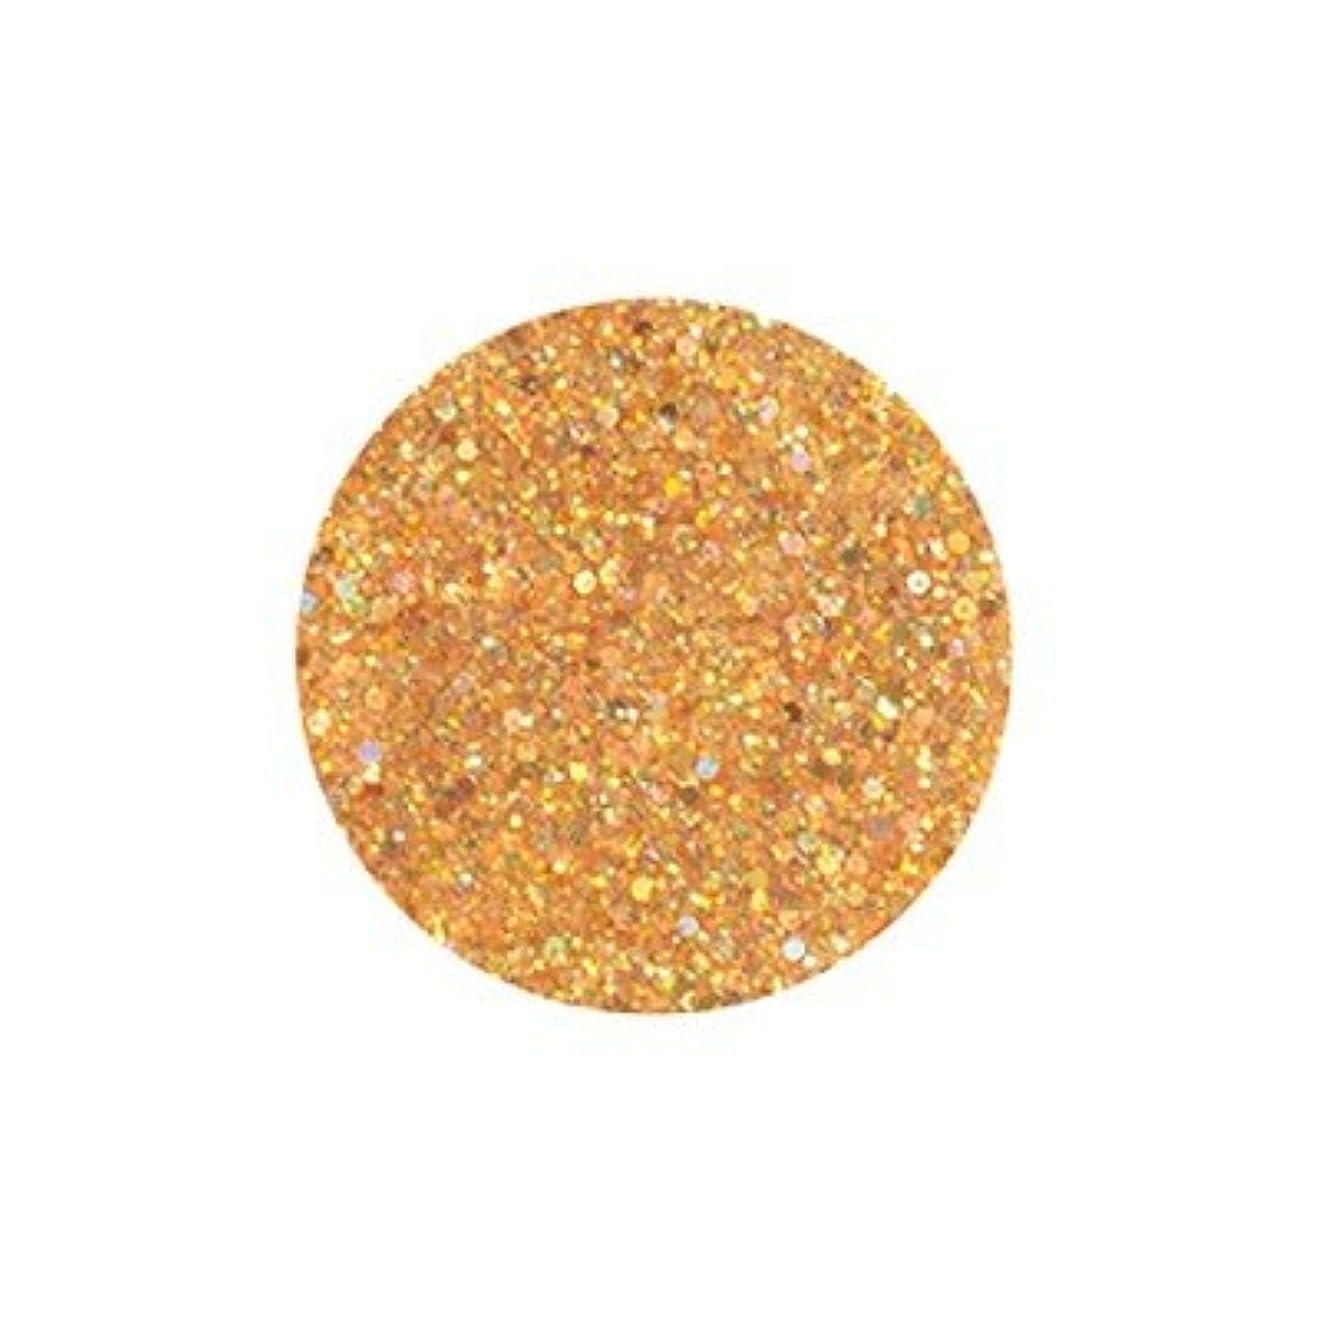 キャンパス救出なのでFANTASY NAIL ダイヤモンドコレクション 3g 4254XS カラーパウダー アート材